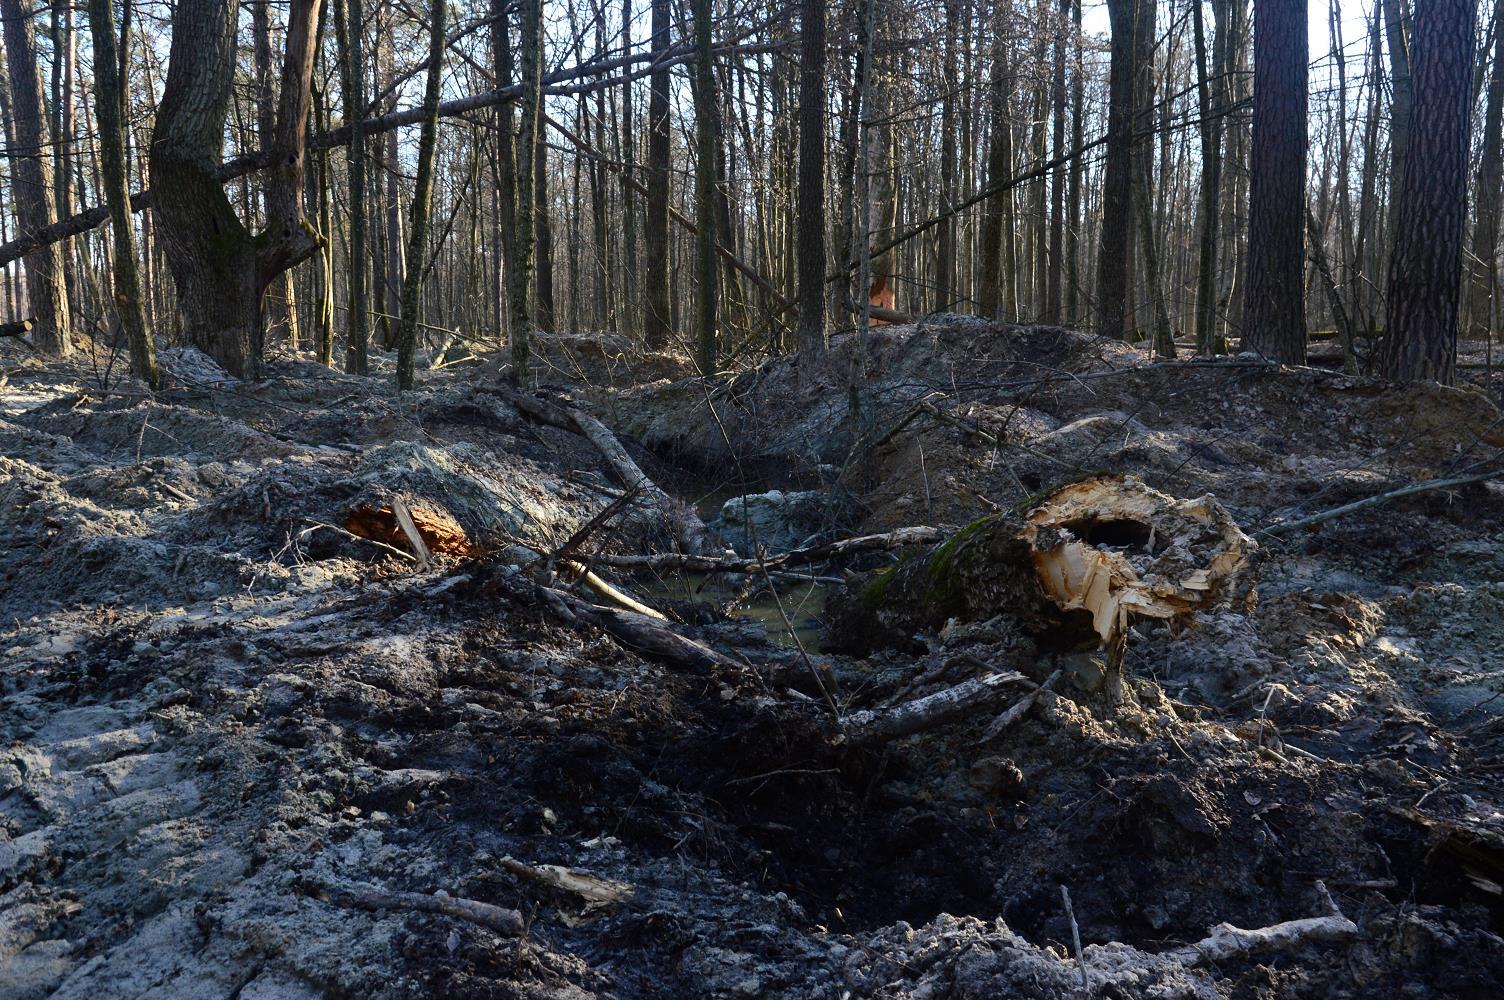 Нелегальная добыча янтаря в Олевском районе. Фото - Википедия